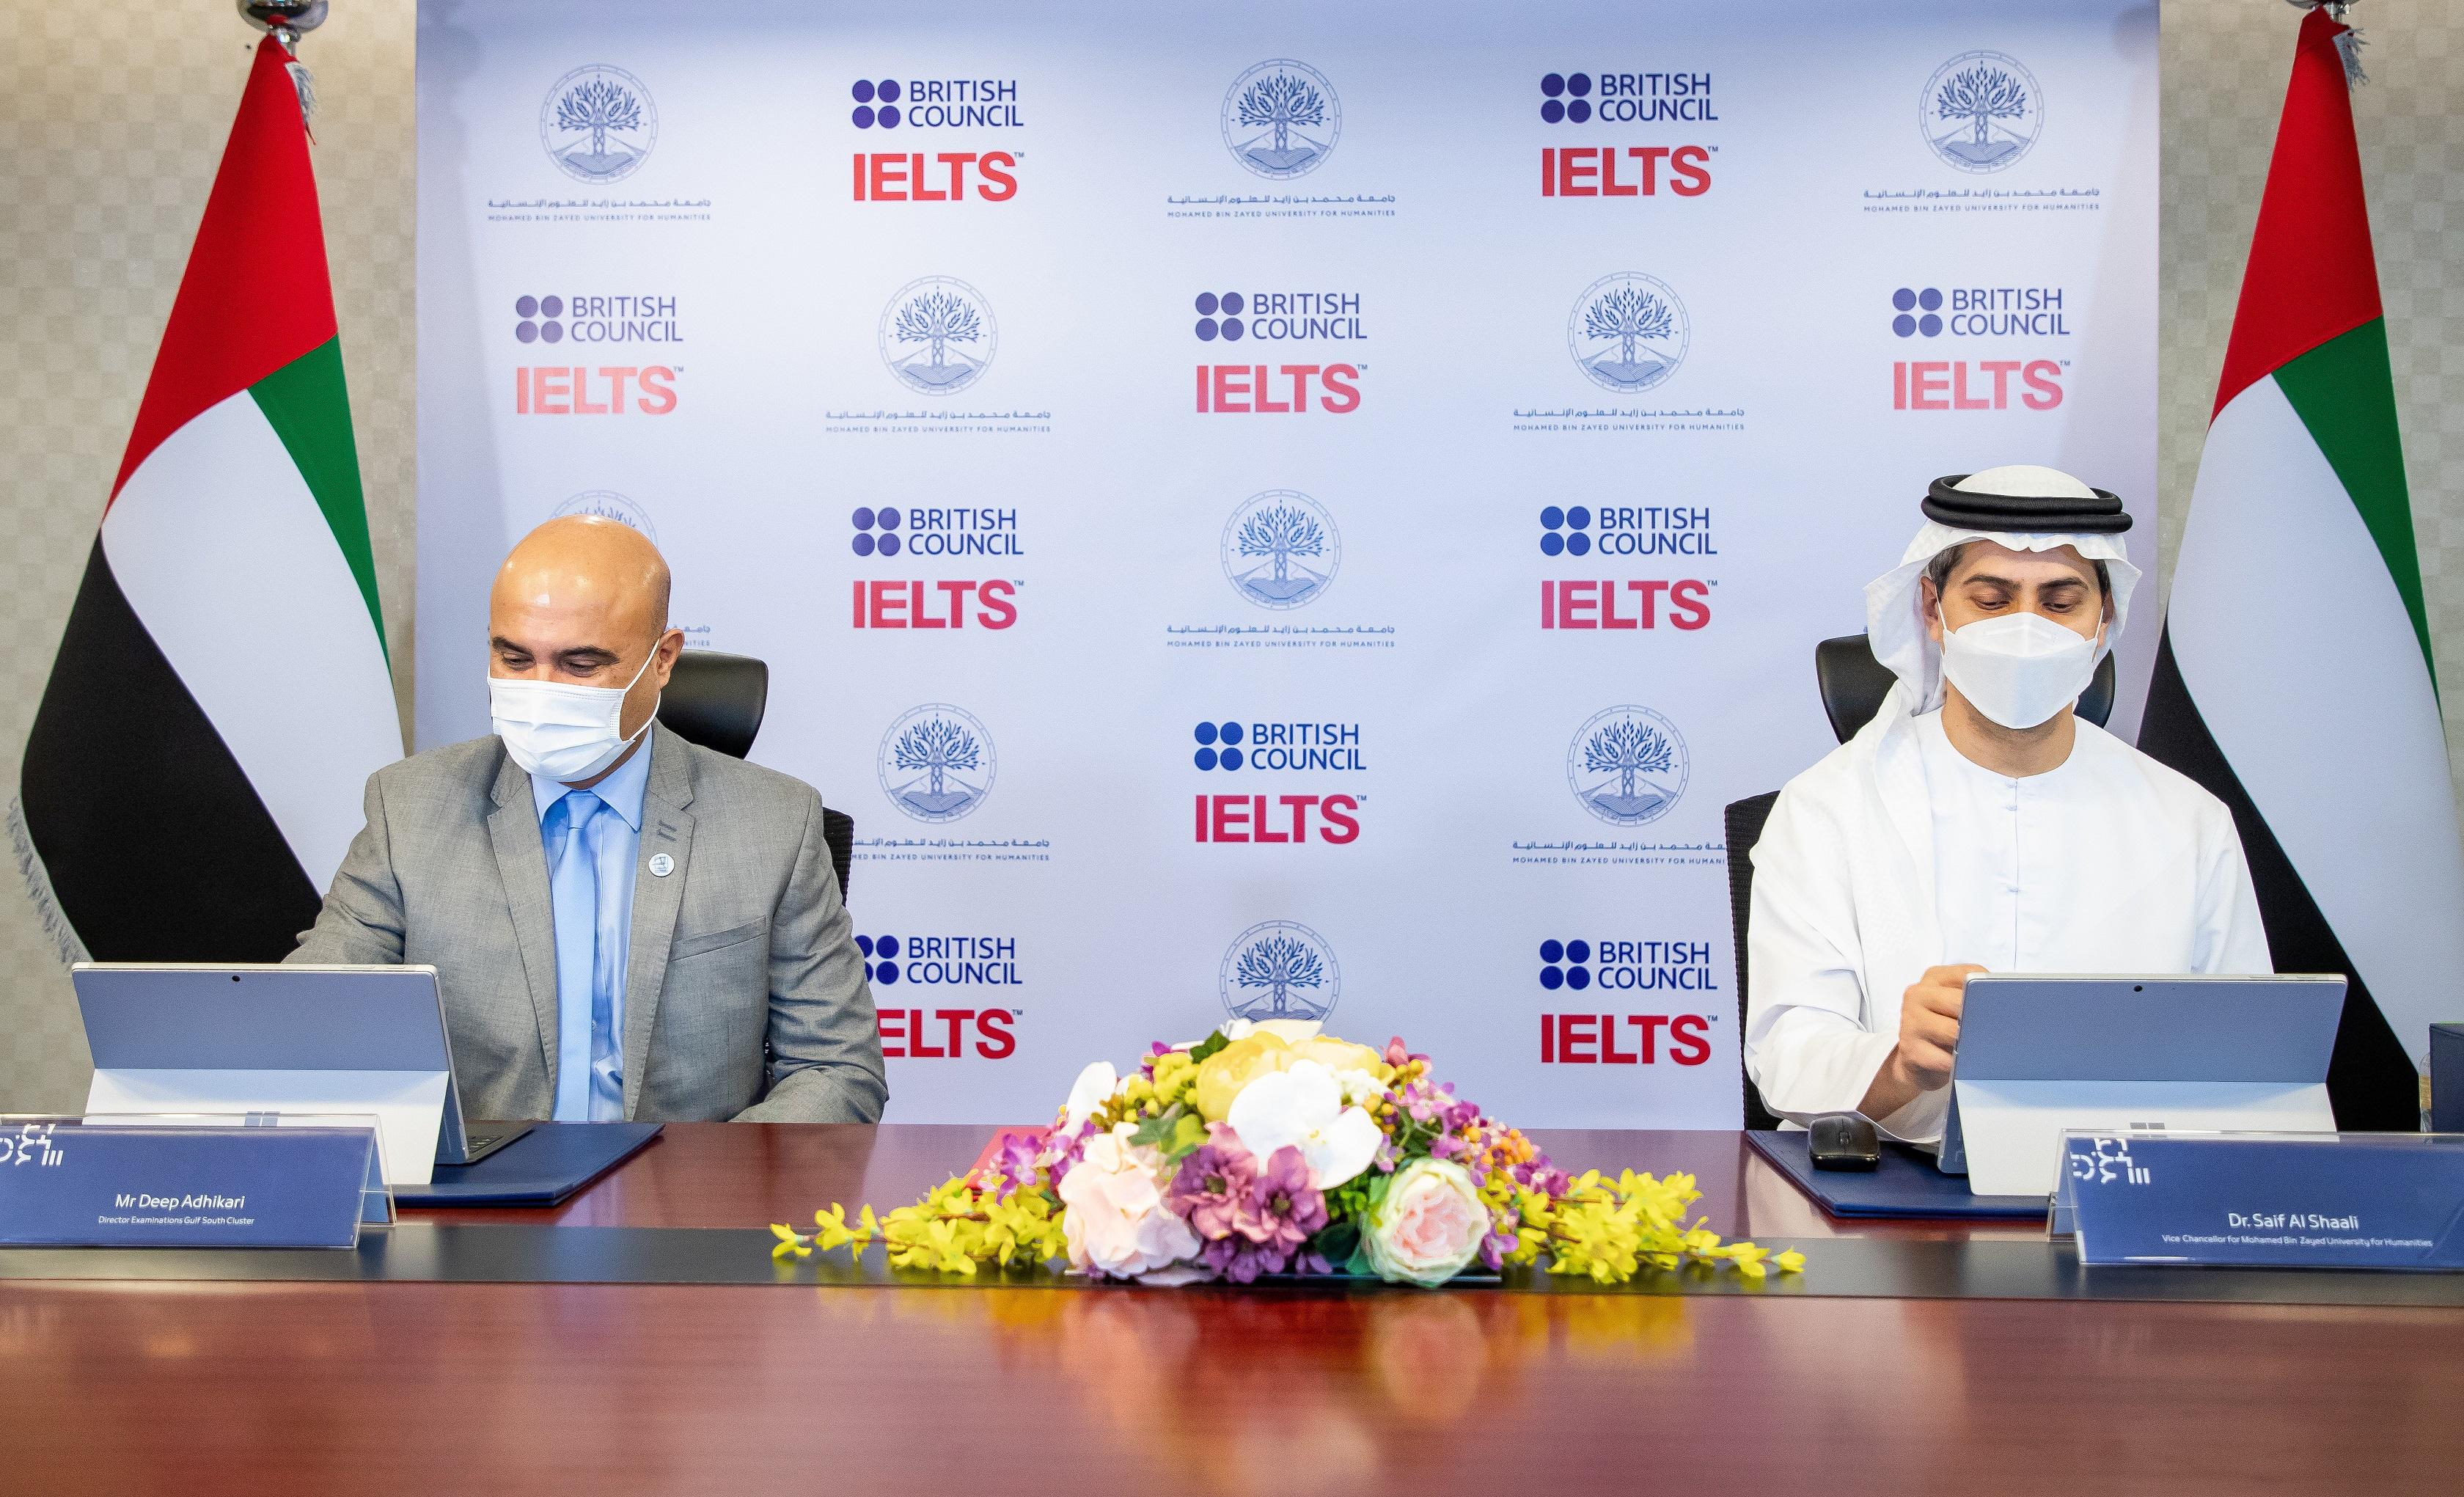 جامعة محمد بن زايد للعلوم الإنسانية مركز معتمد لاختبار الآيلتس بالشراكة مع المجلس الثقافي البريطاني